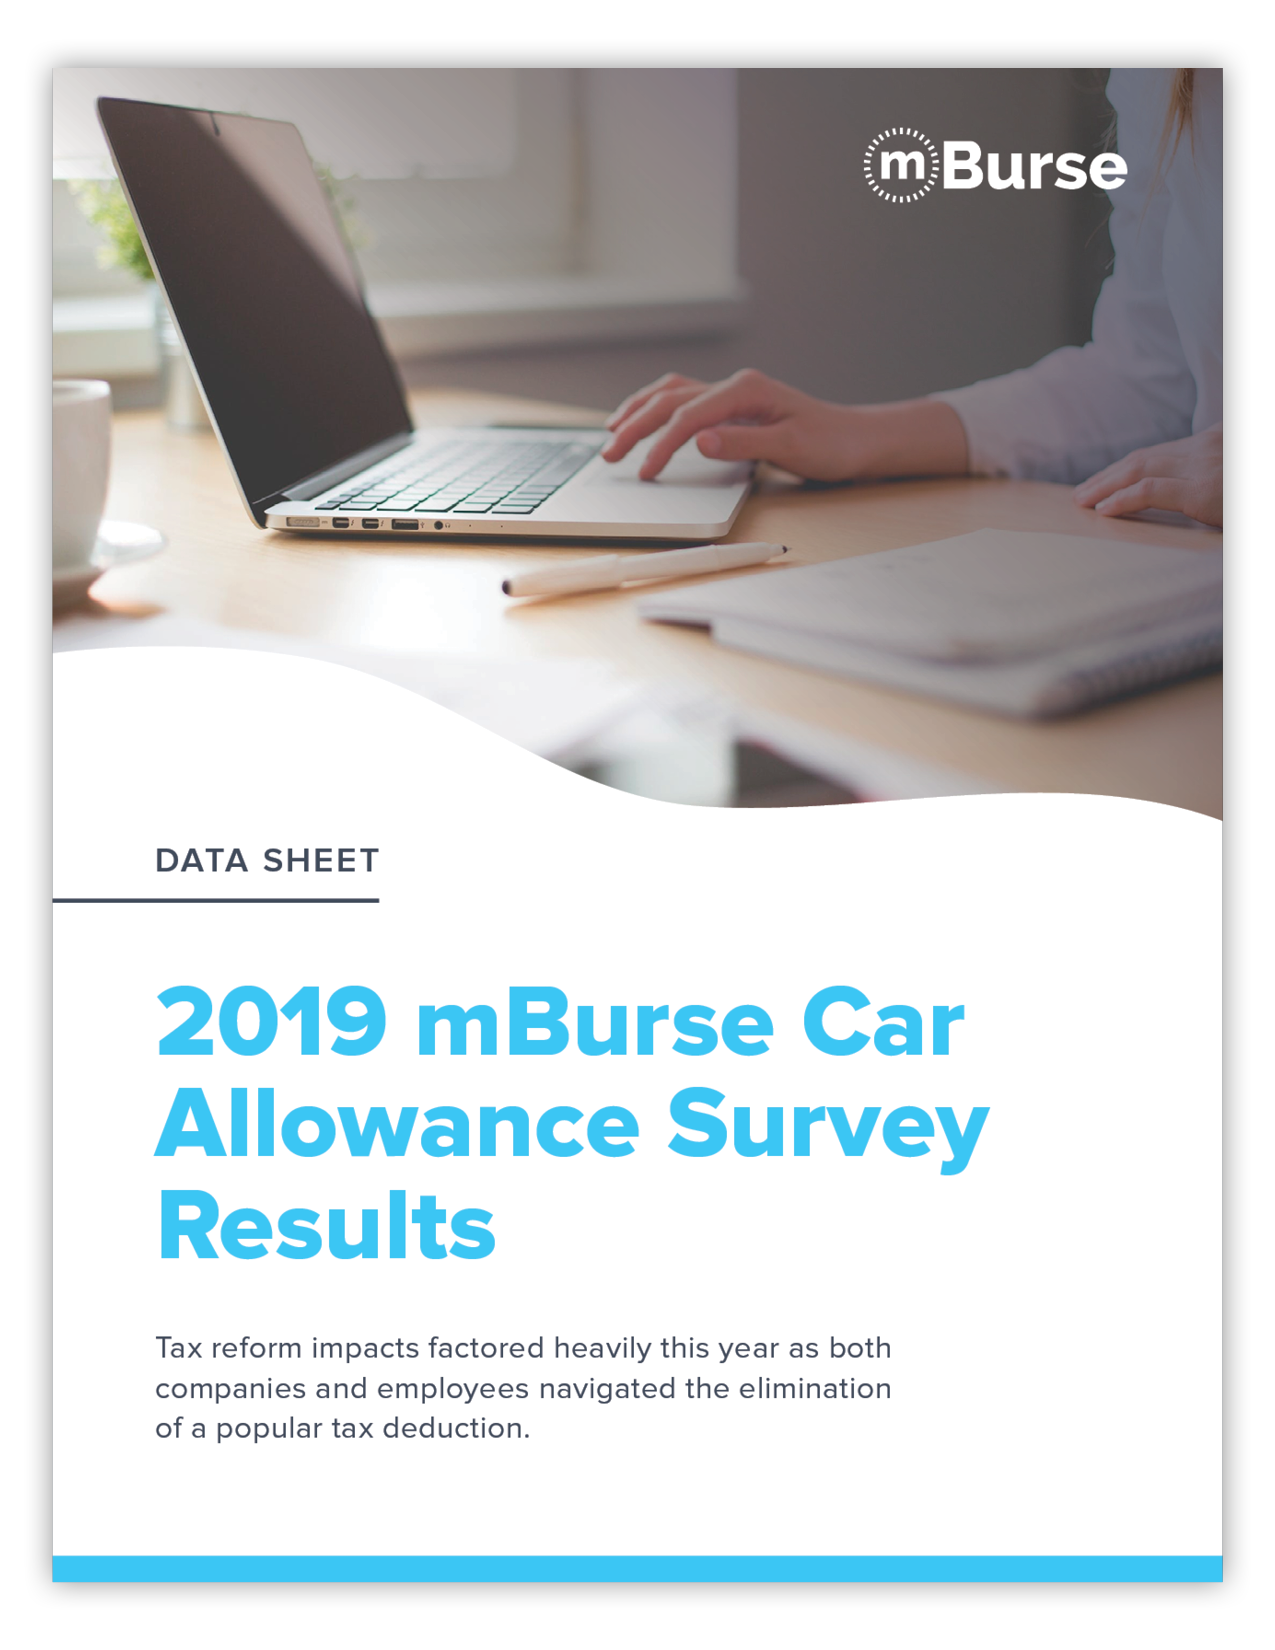 mBurse 2019 Car Allowance Survey